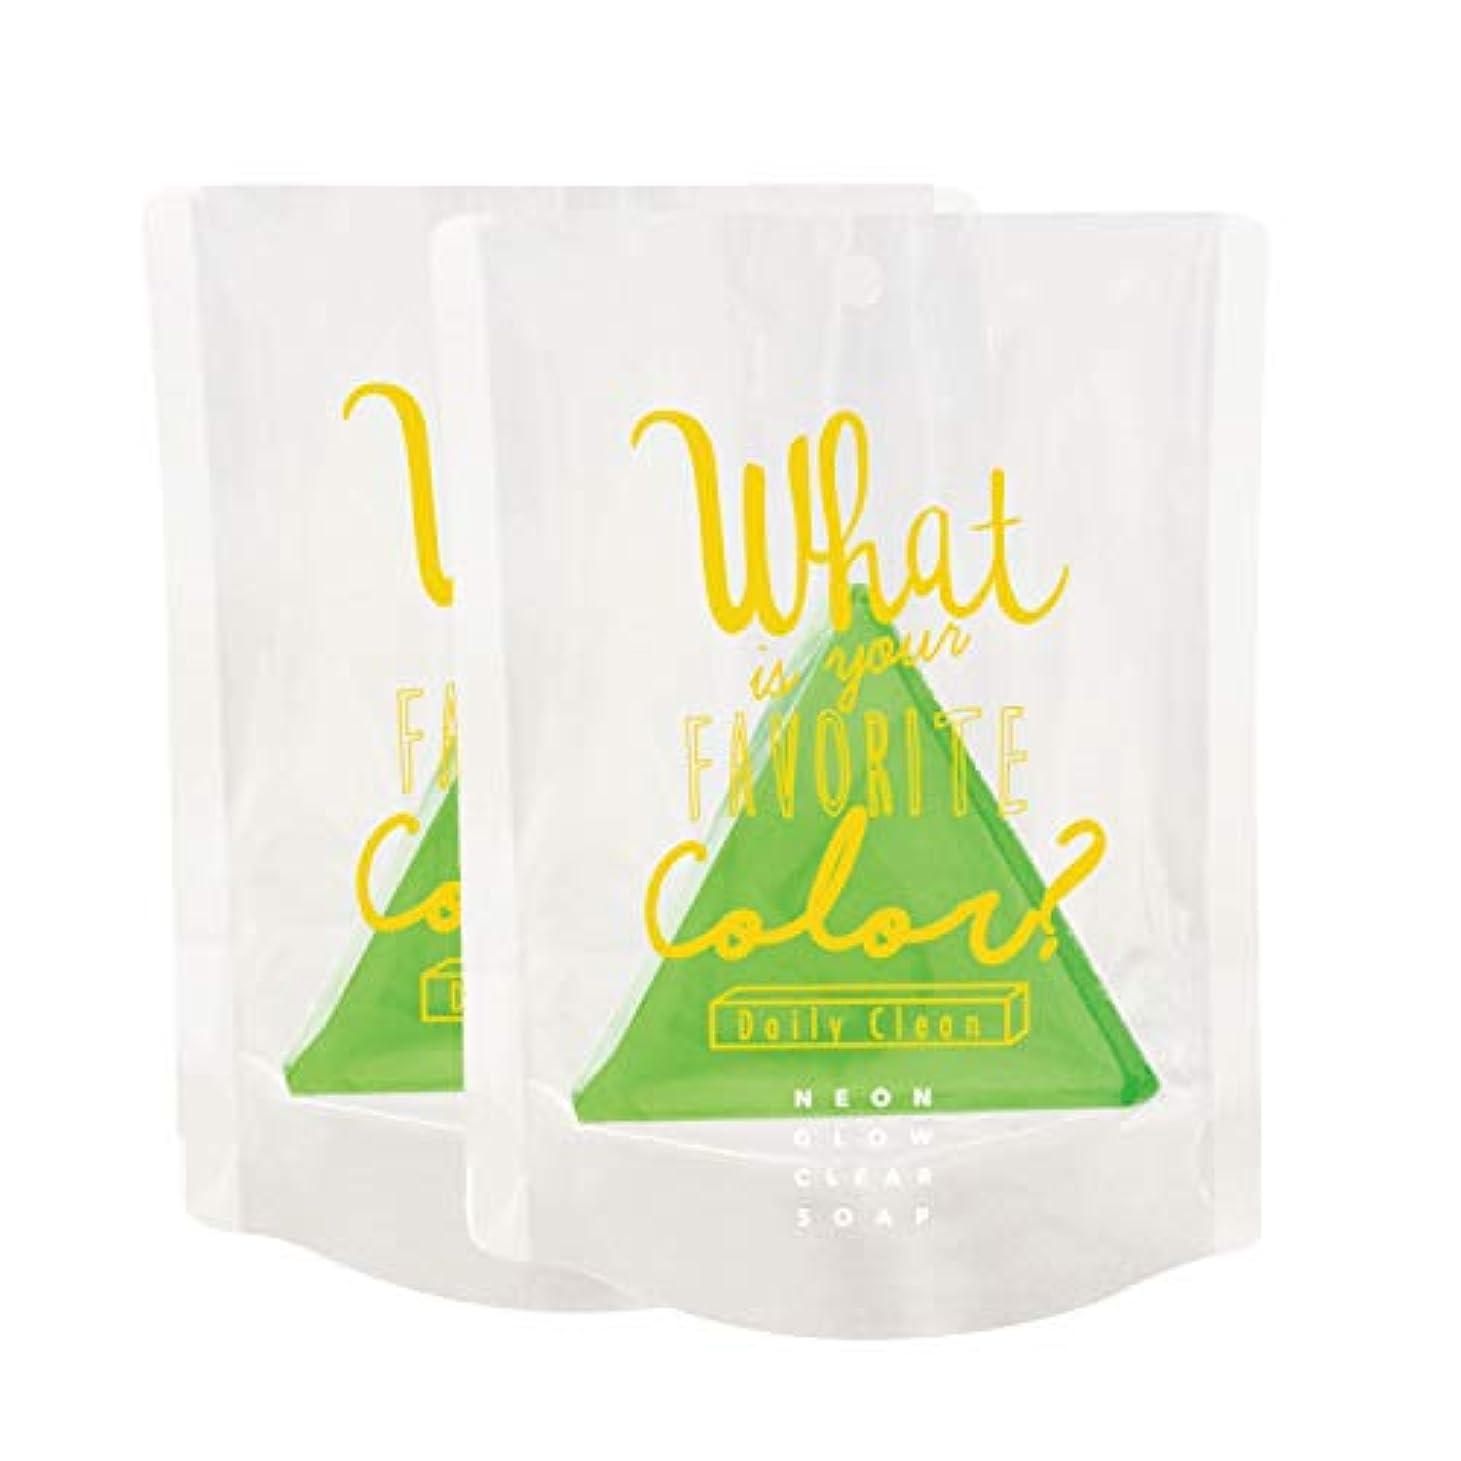 イヤホン適応的リビングルームノルコーポレーション 石けん ネオングロー クリアソープ 2個セット ライトグリーンの香り OB-NGW-2-3